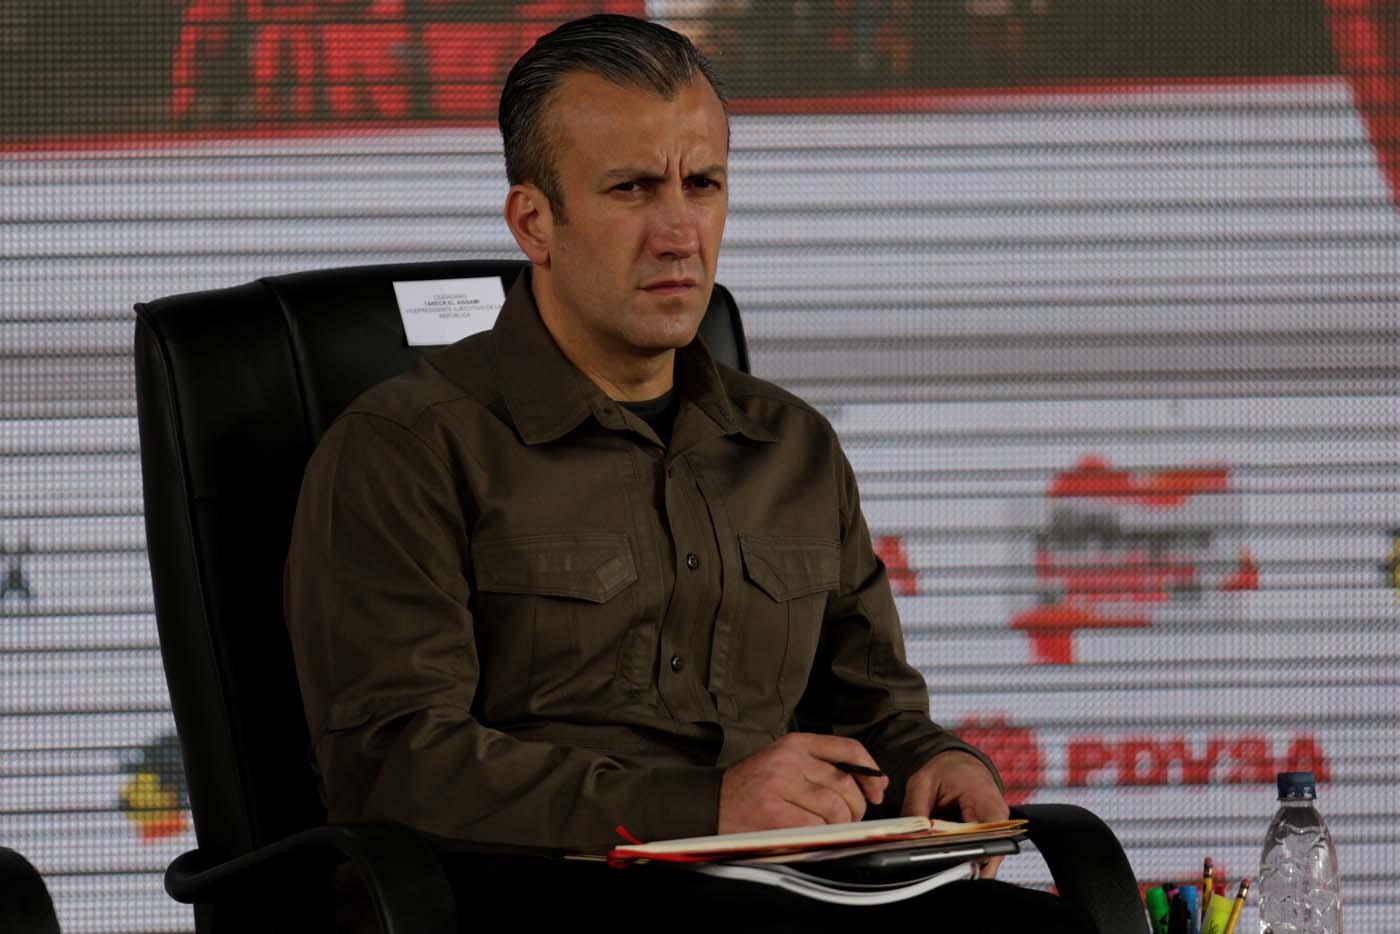 El vicepresidente de la República, Tareck El Aissami